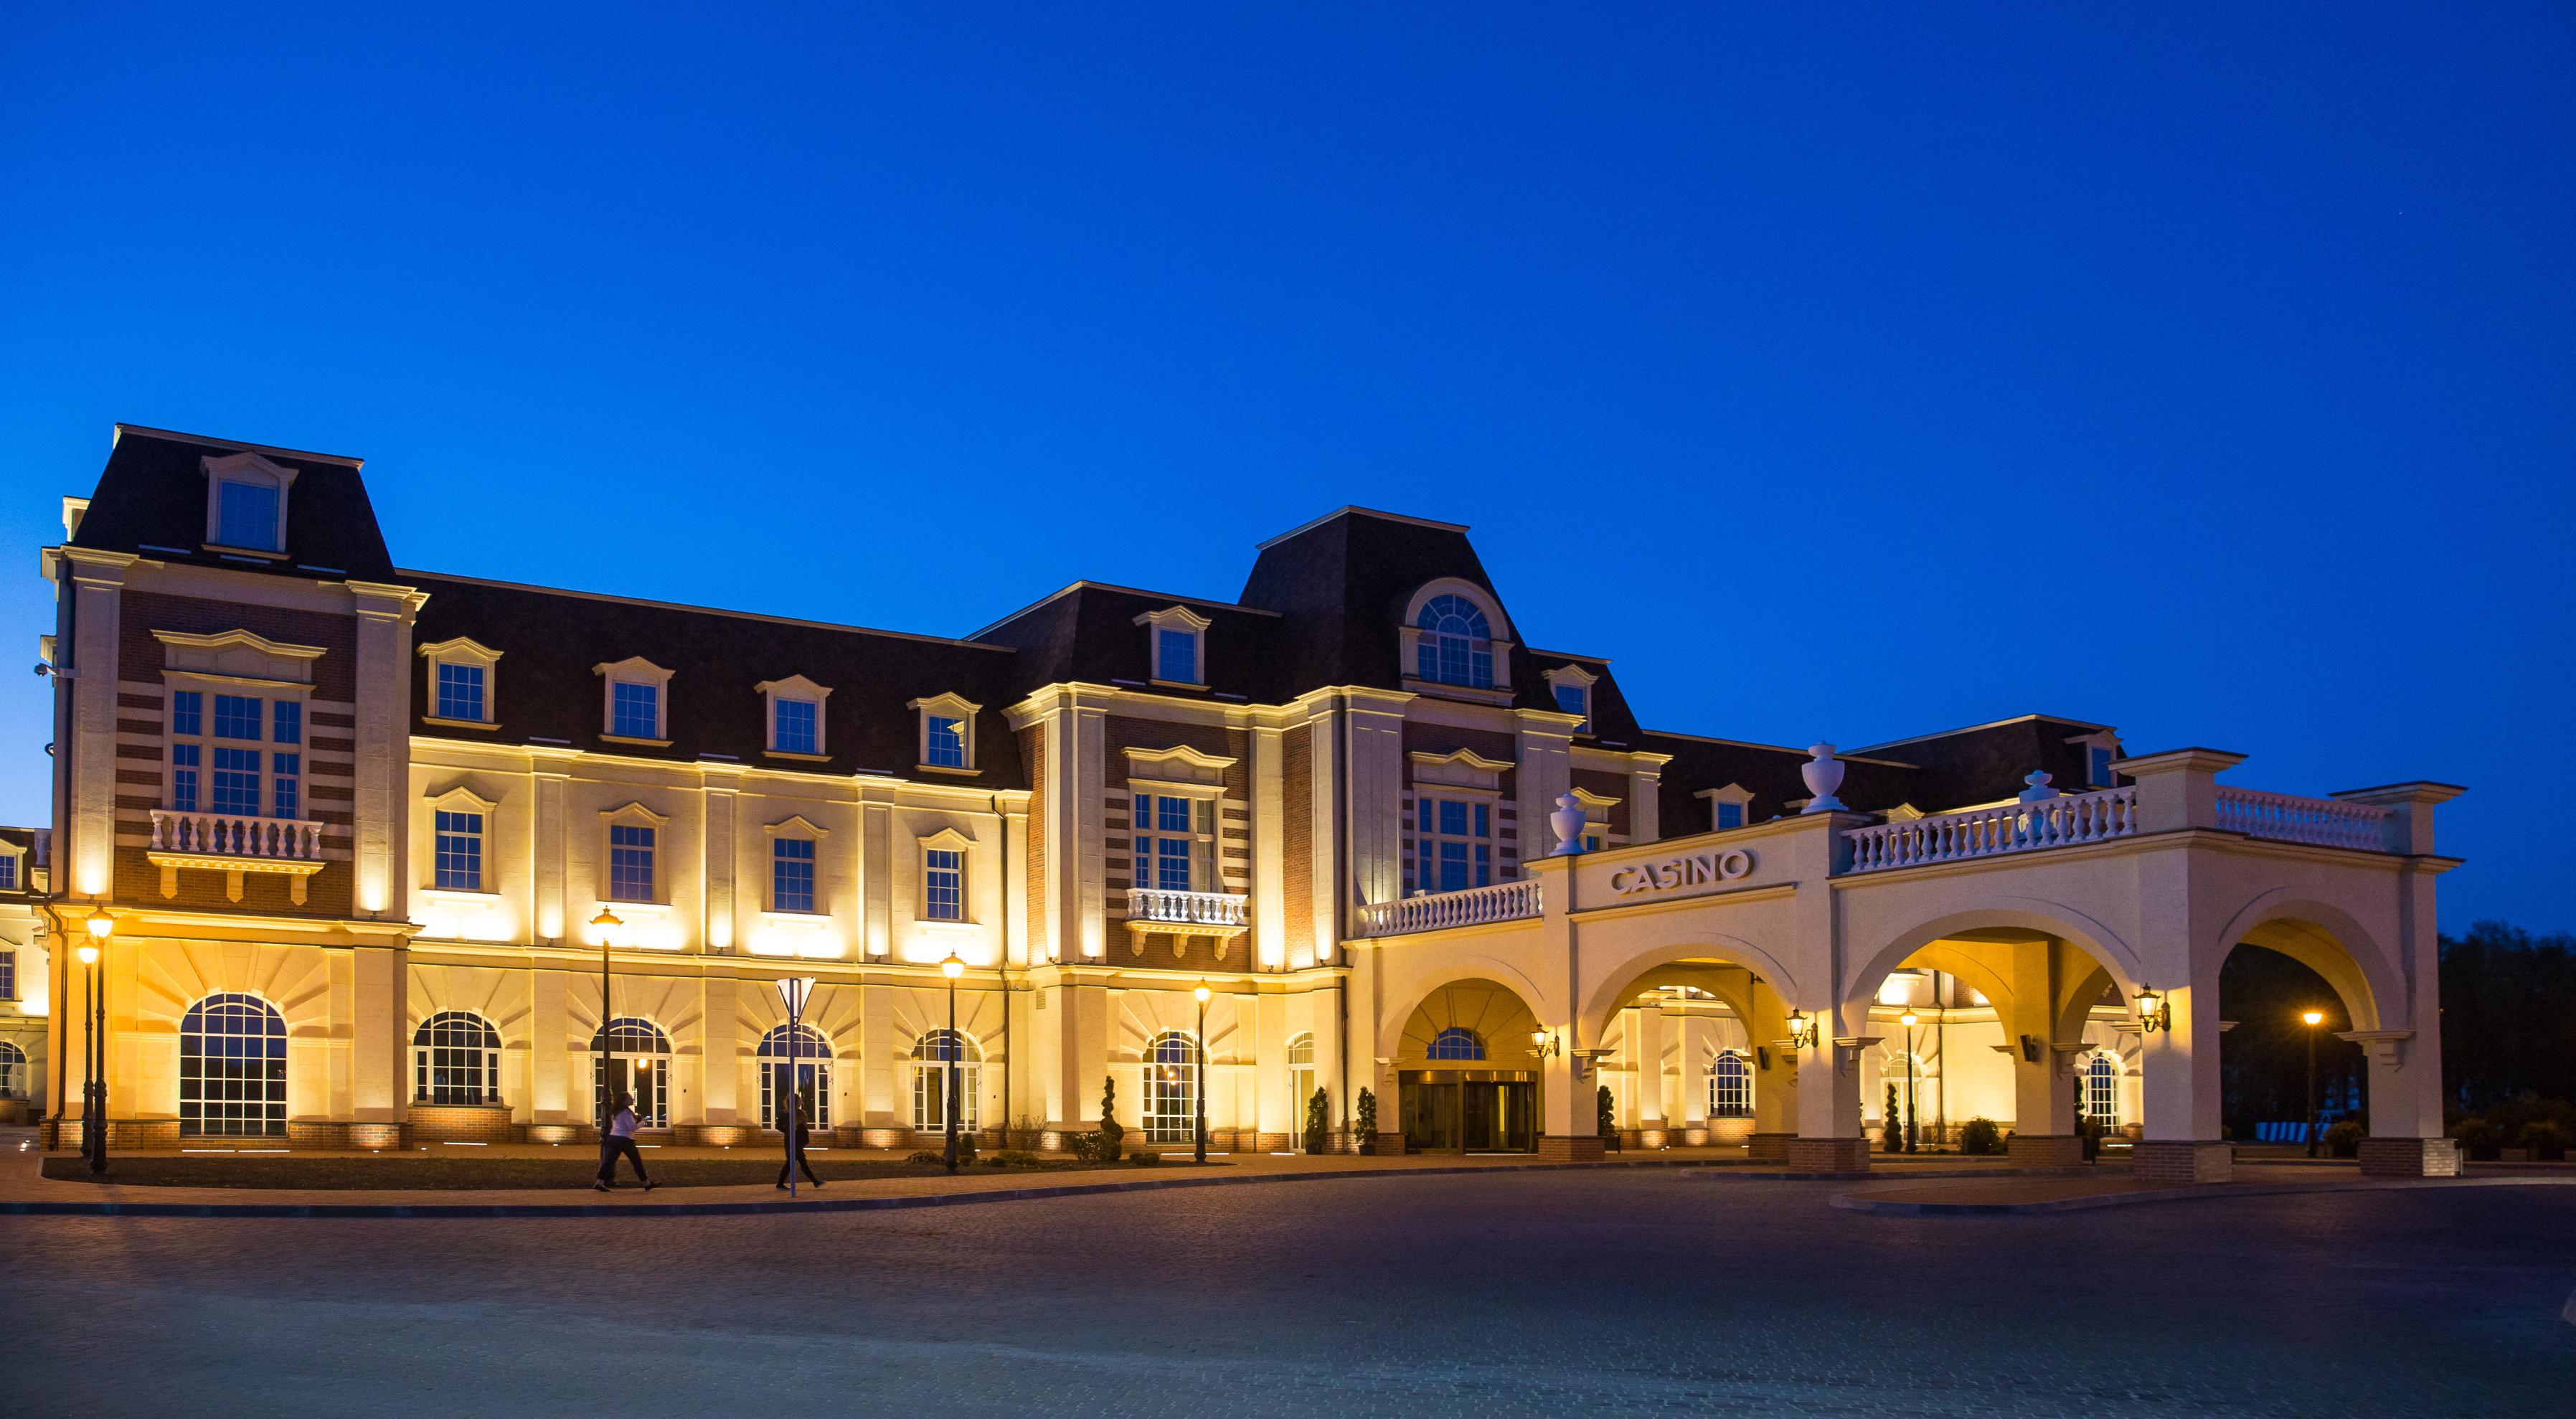 казино в куликово калининградской области фото отзывы